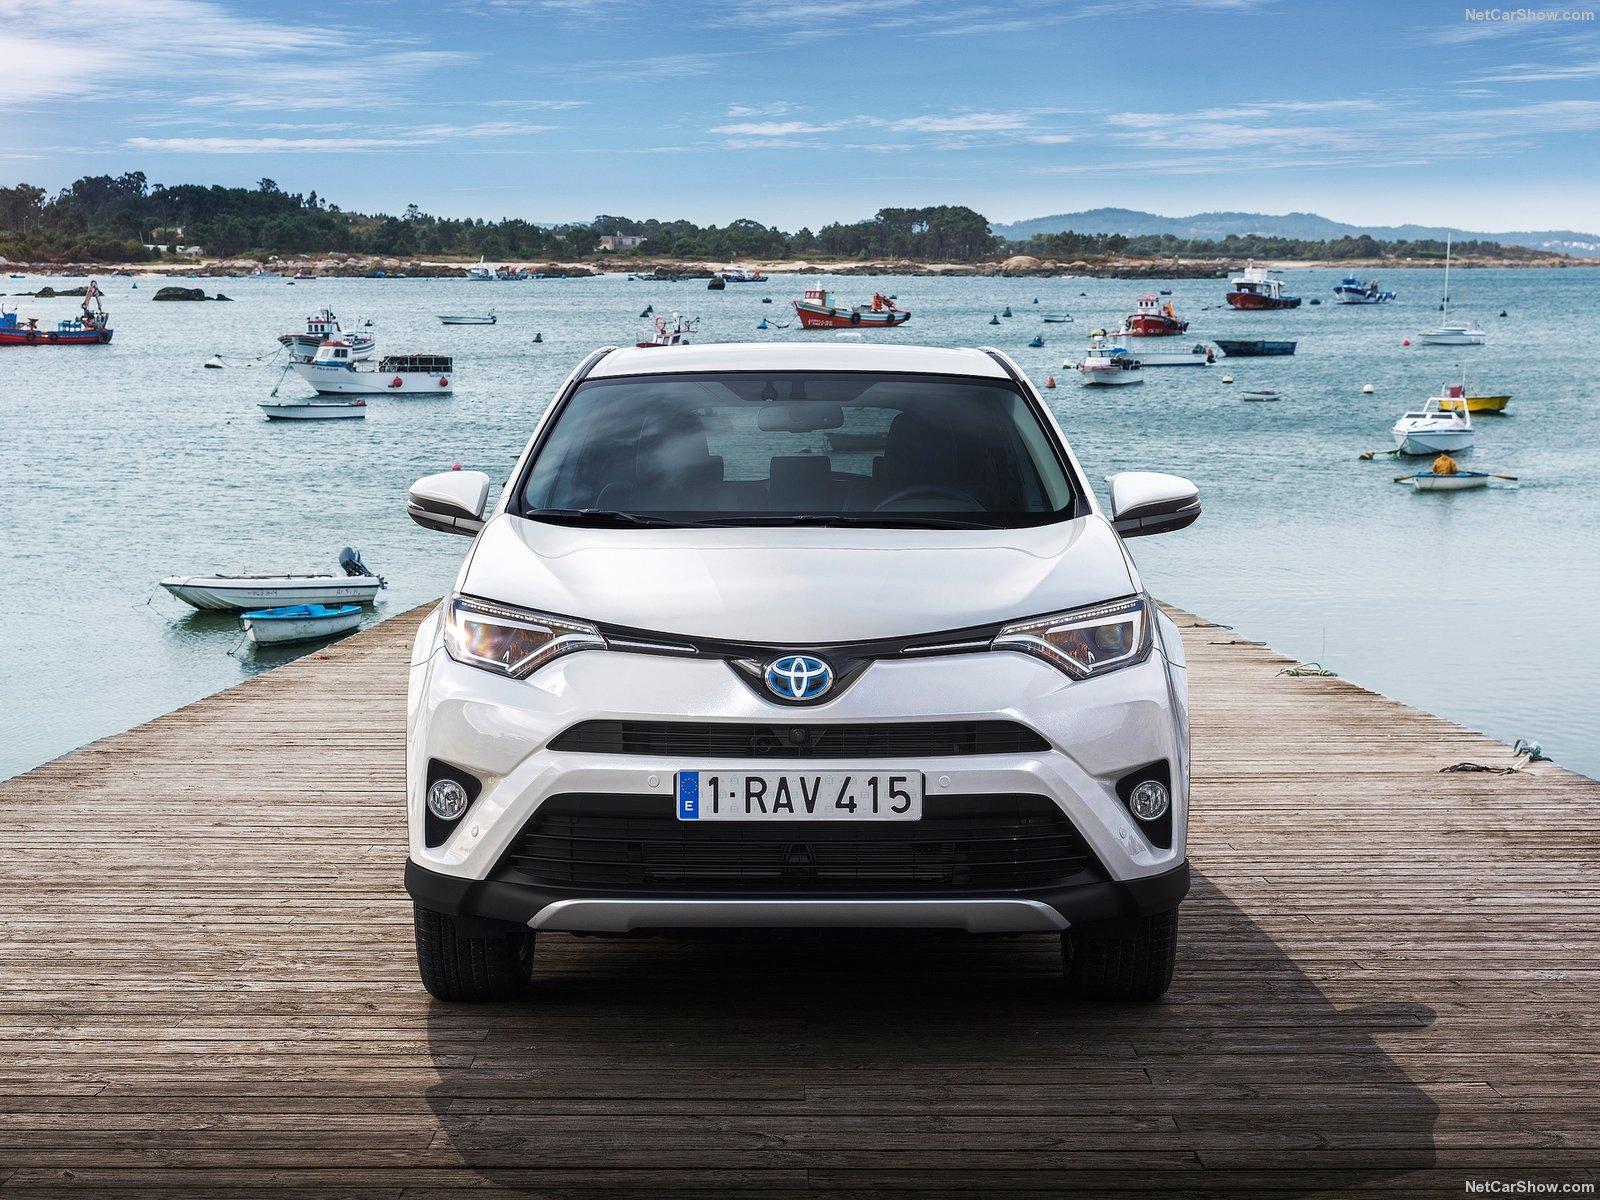 Toyota Рав 4 2017 новый кузов #10